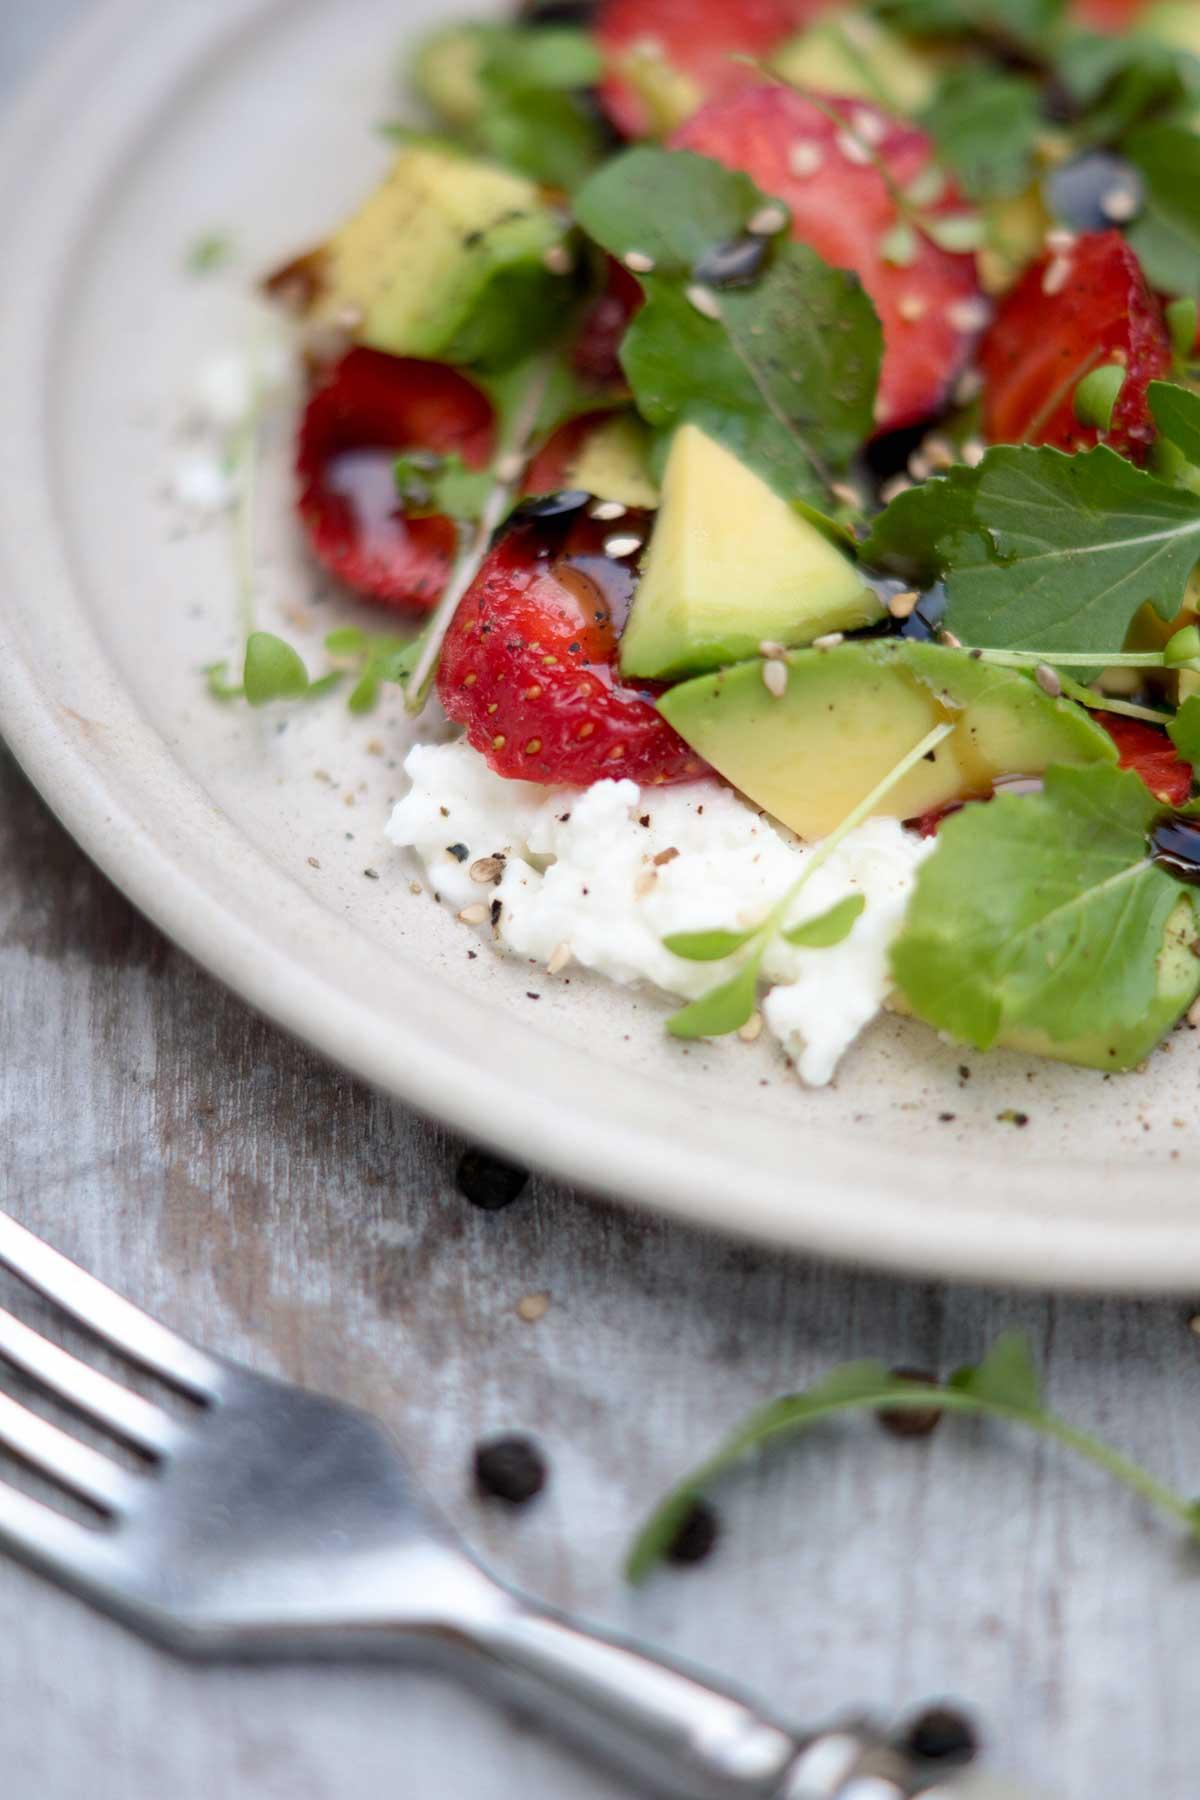 Bunter Salat mit Avocado und Erdbeeren auf Teller